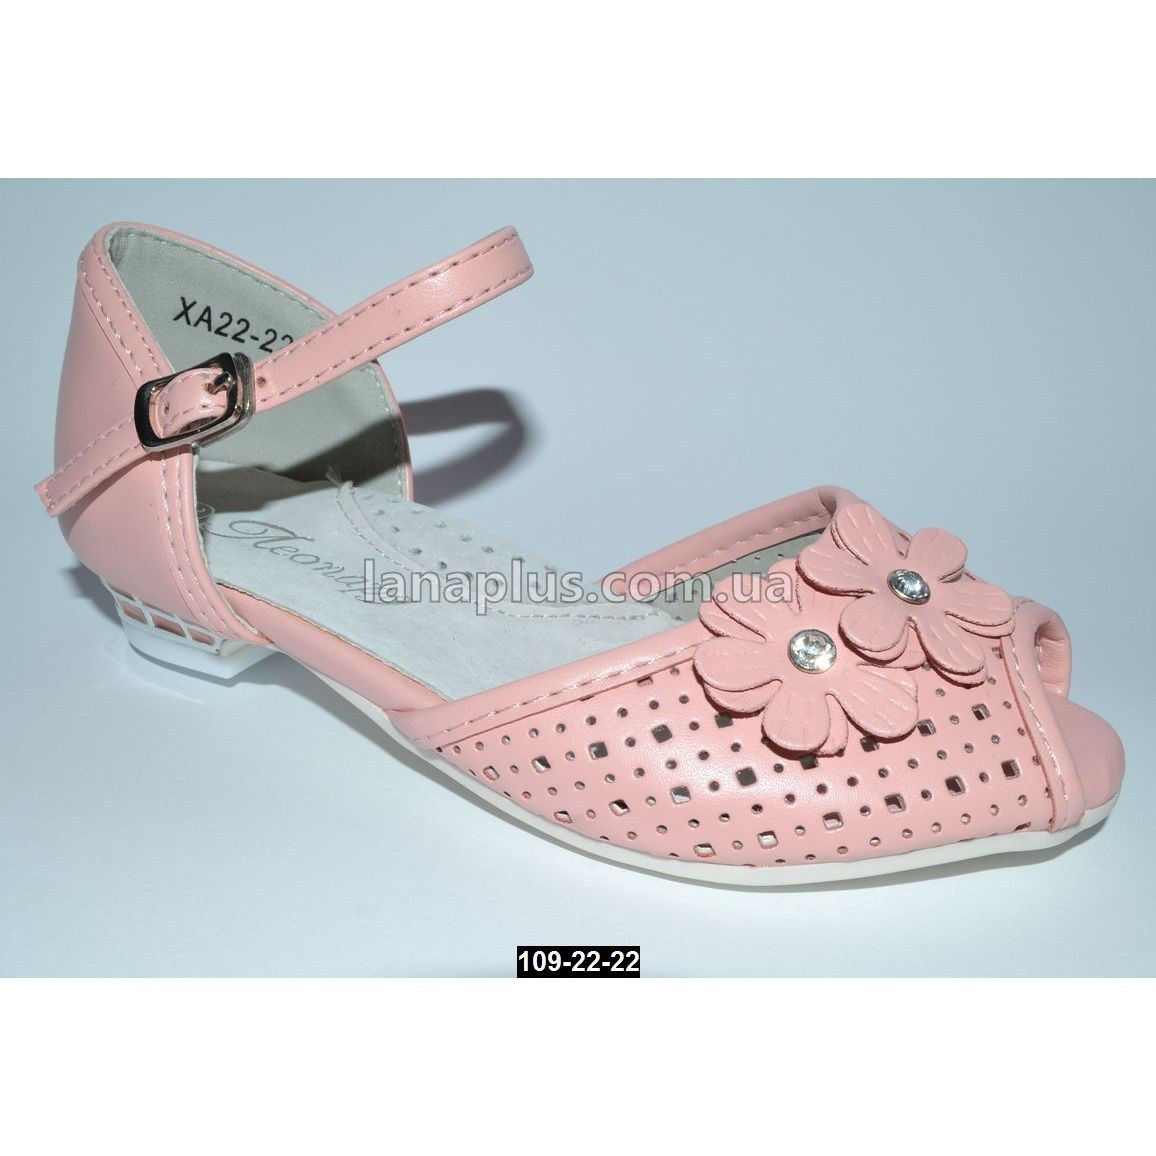 Нарядные босоножки, туфли для девочки, 28 размер (18.6 см), супинатор, кожаная стелька, 109-22-22